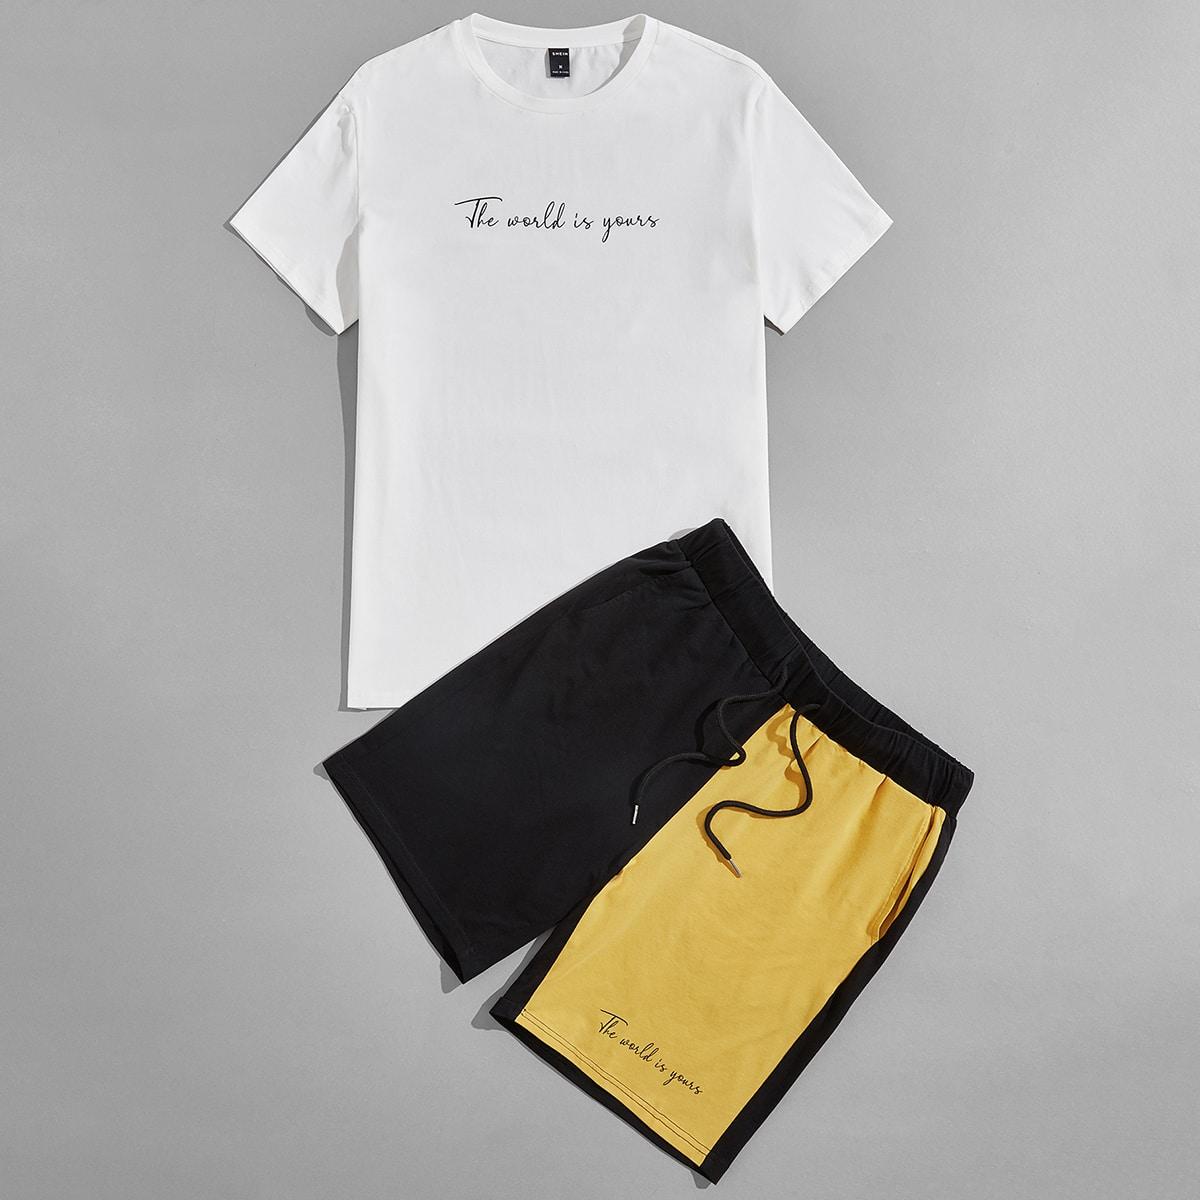 Мужская футболка с текстовым рисунком и контрастные спортивные шорты